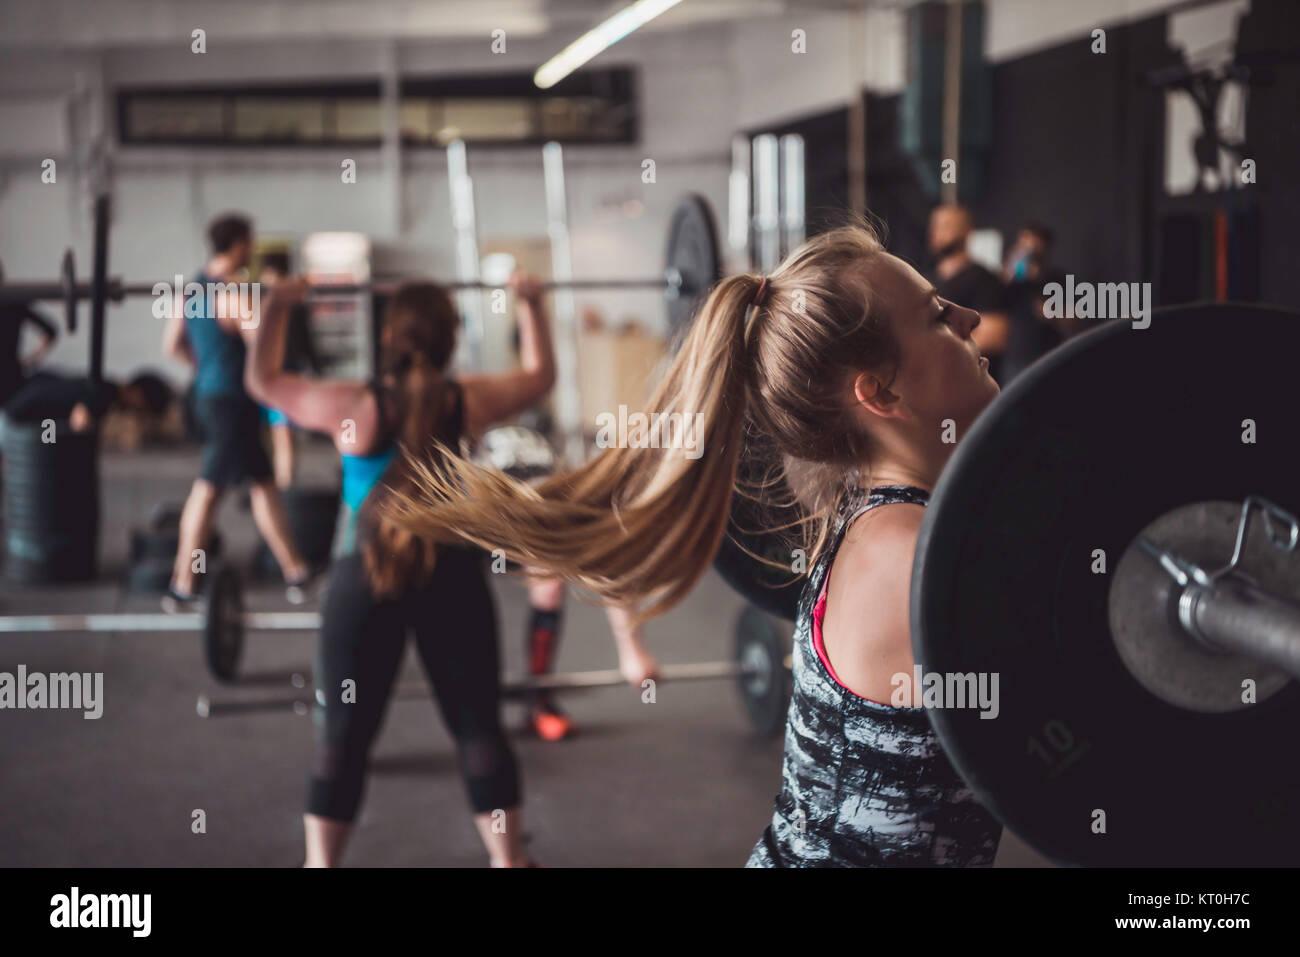 Donne e fitness training. Sollevamento pesi, fuori lavoro e formazione incrociata. Immagini Stock